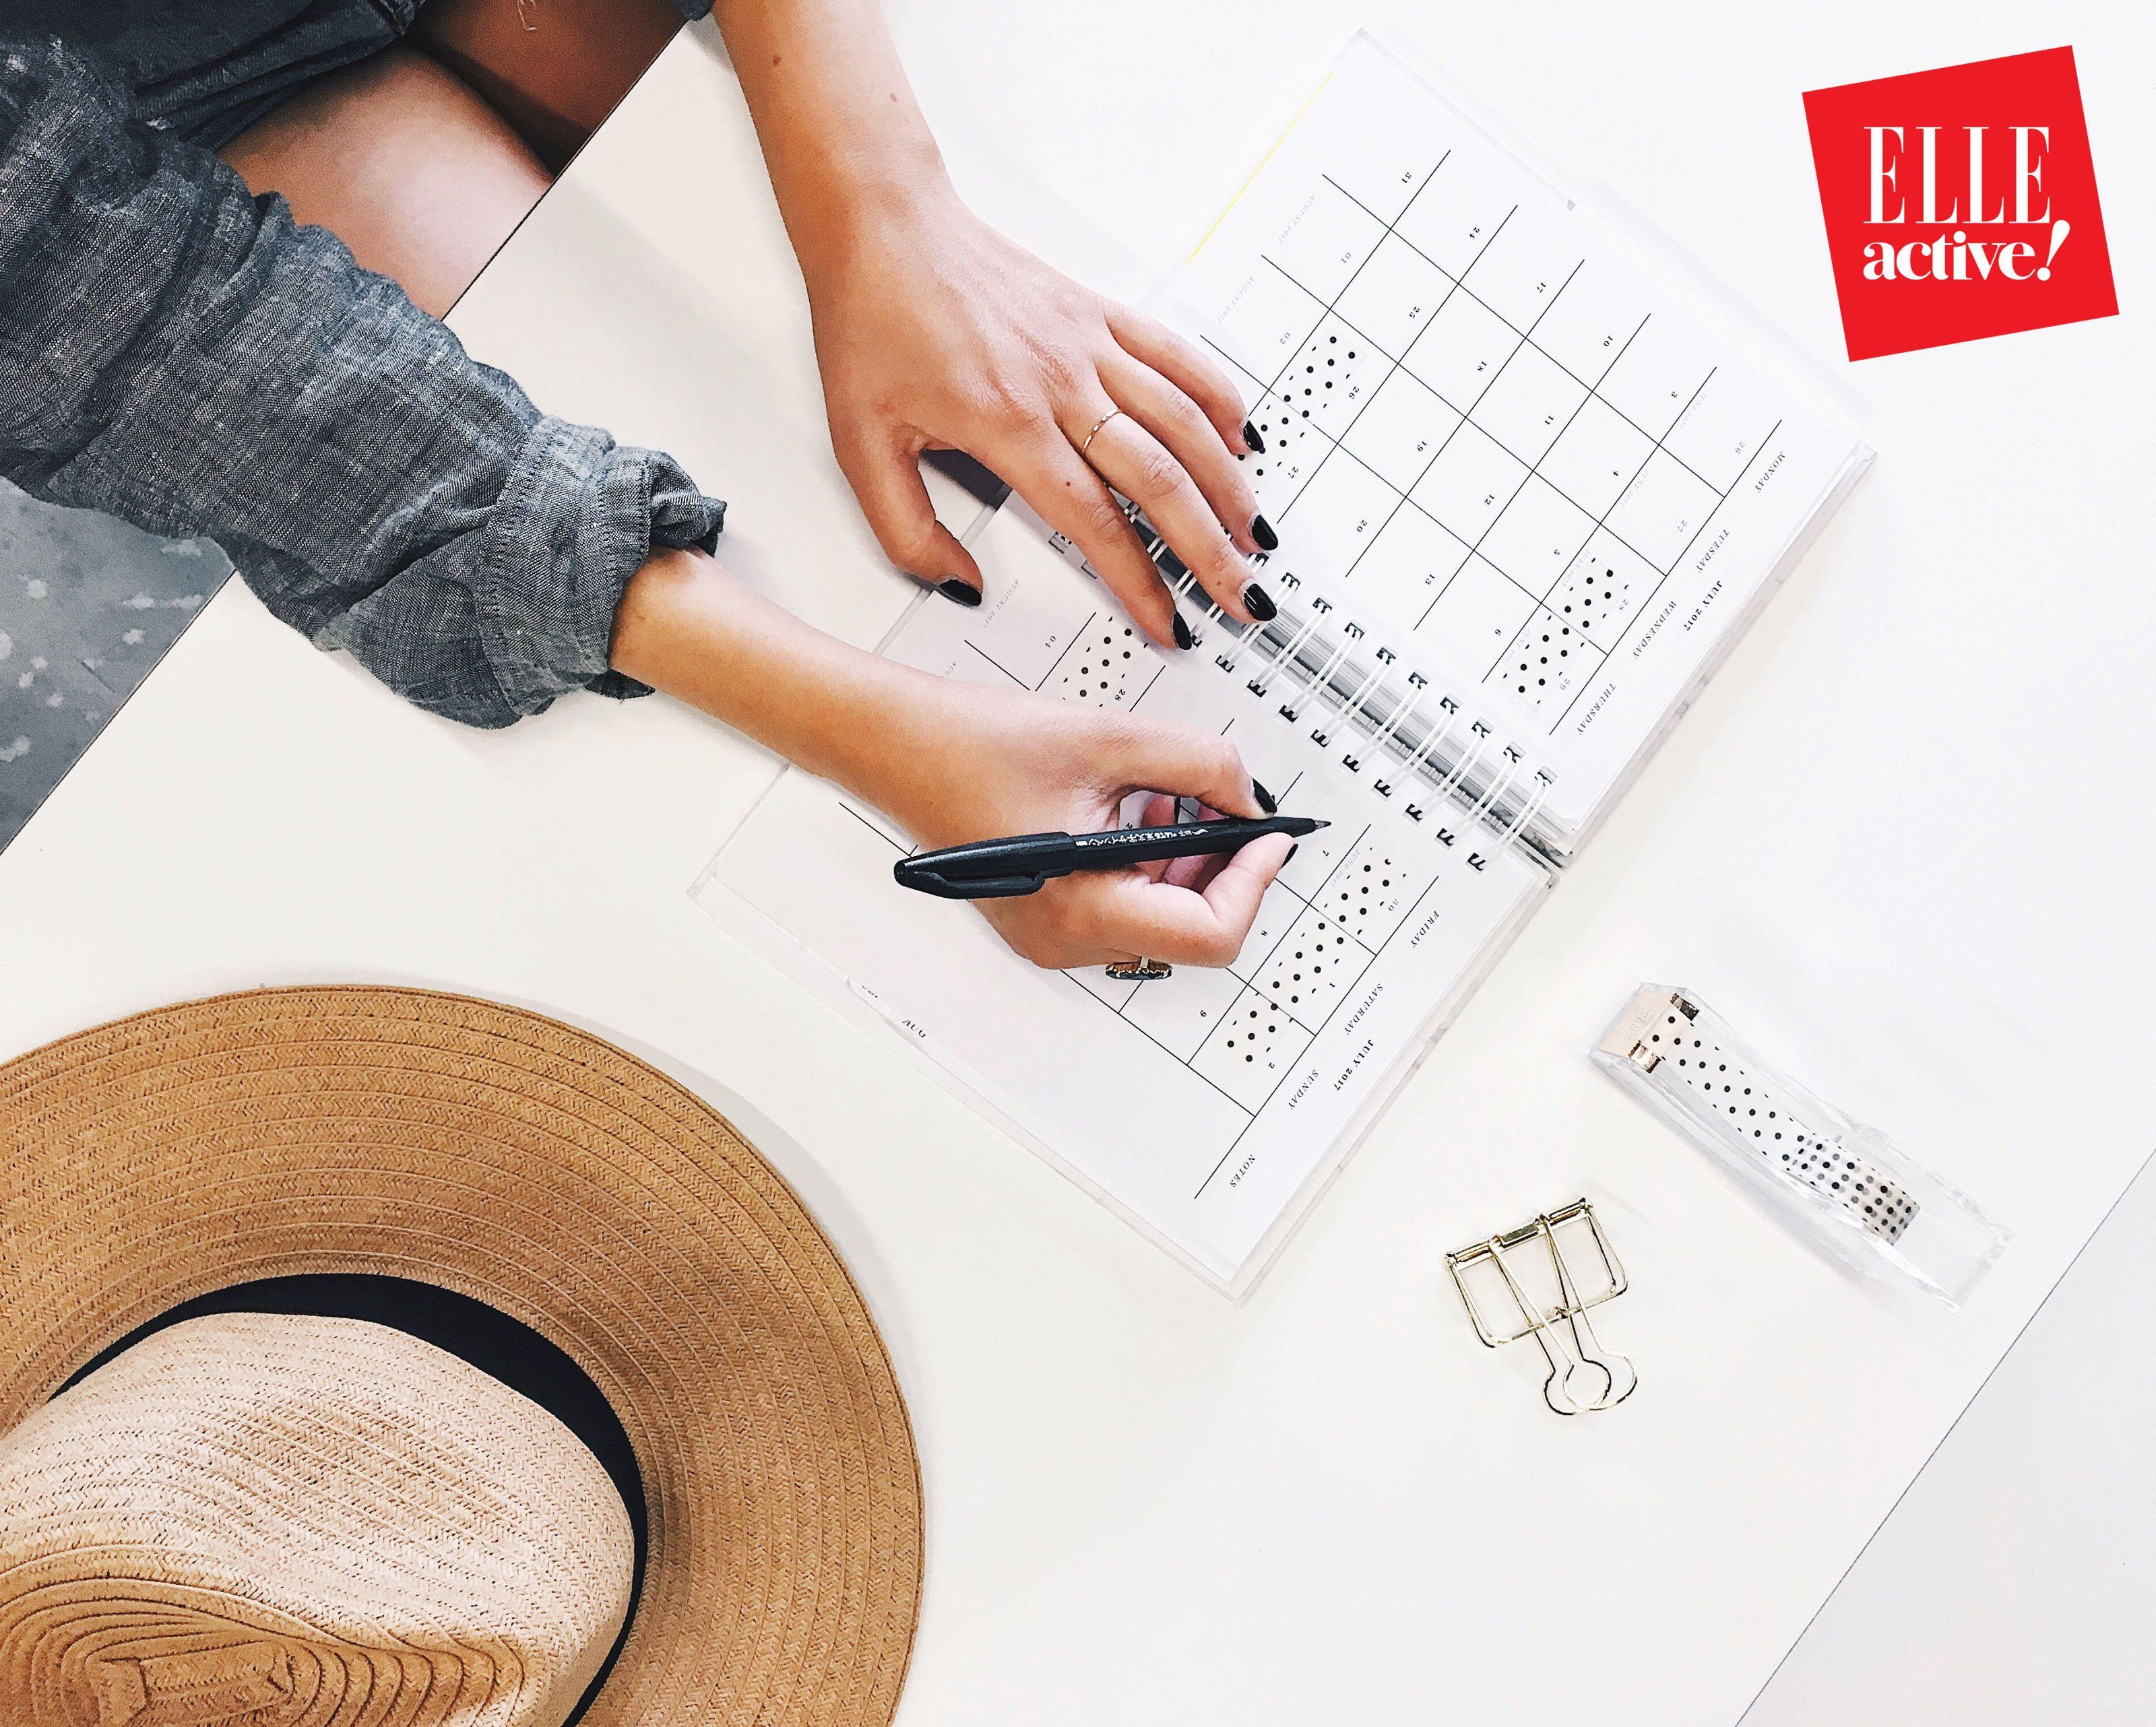 Ikigai è la nuova filosofia giapponese per trovare il lavoro che ti piace davvero ed essere felice una volta per tutte